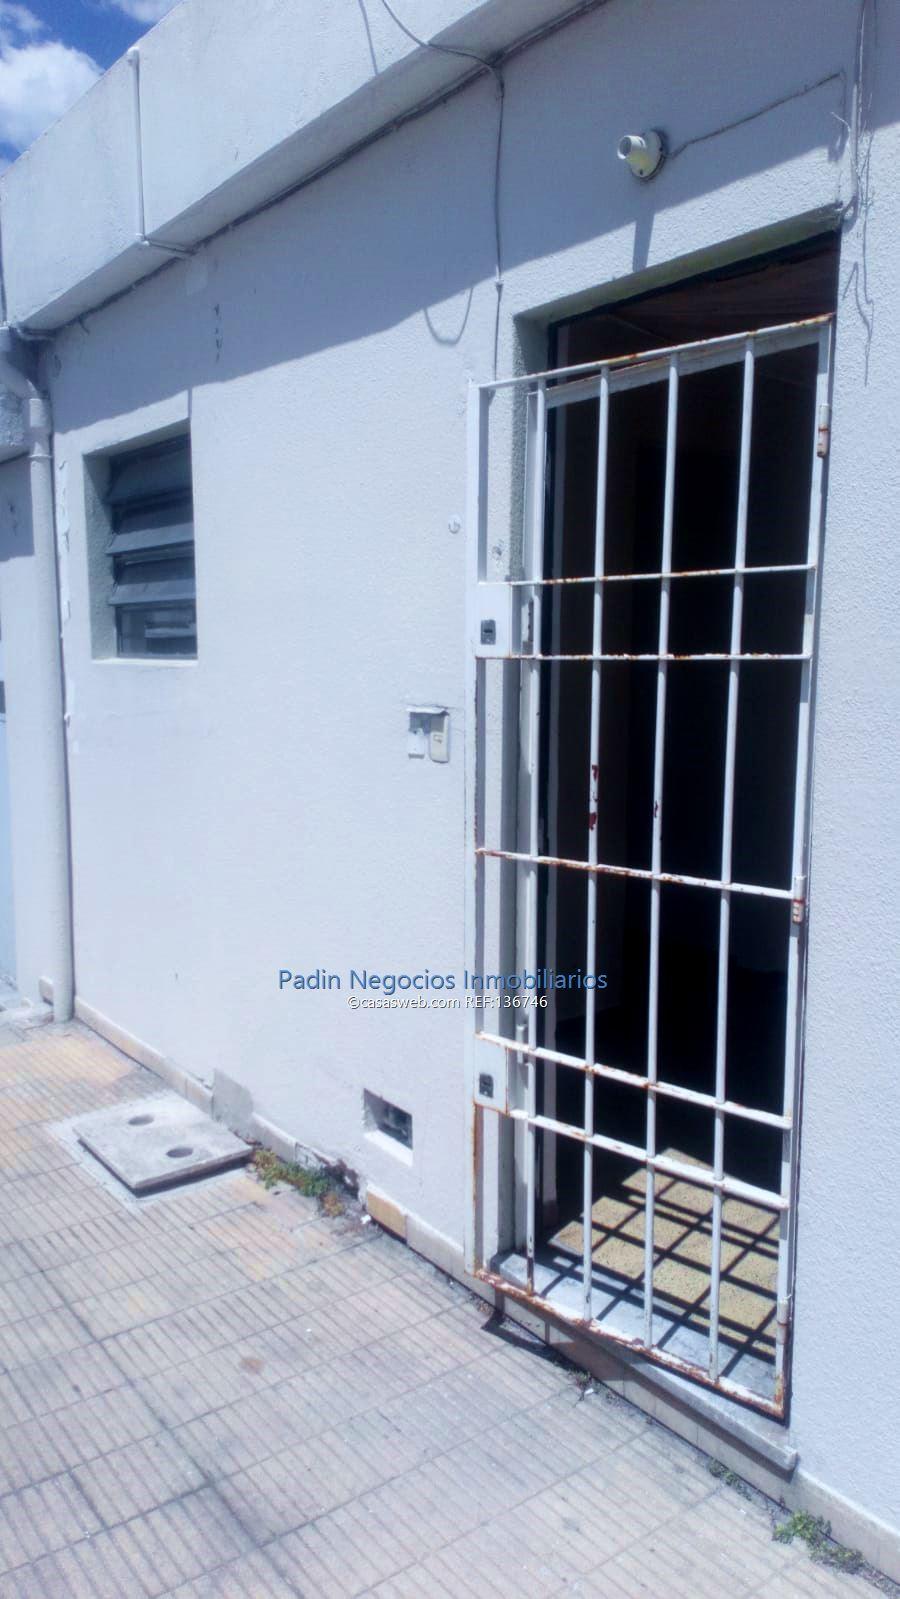 Alquiler apartamento de un dormitorio en Cerrito